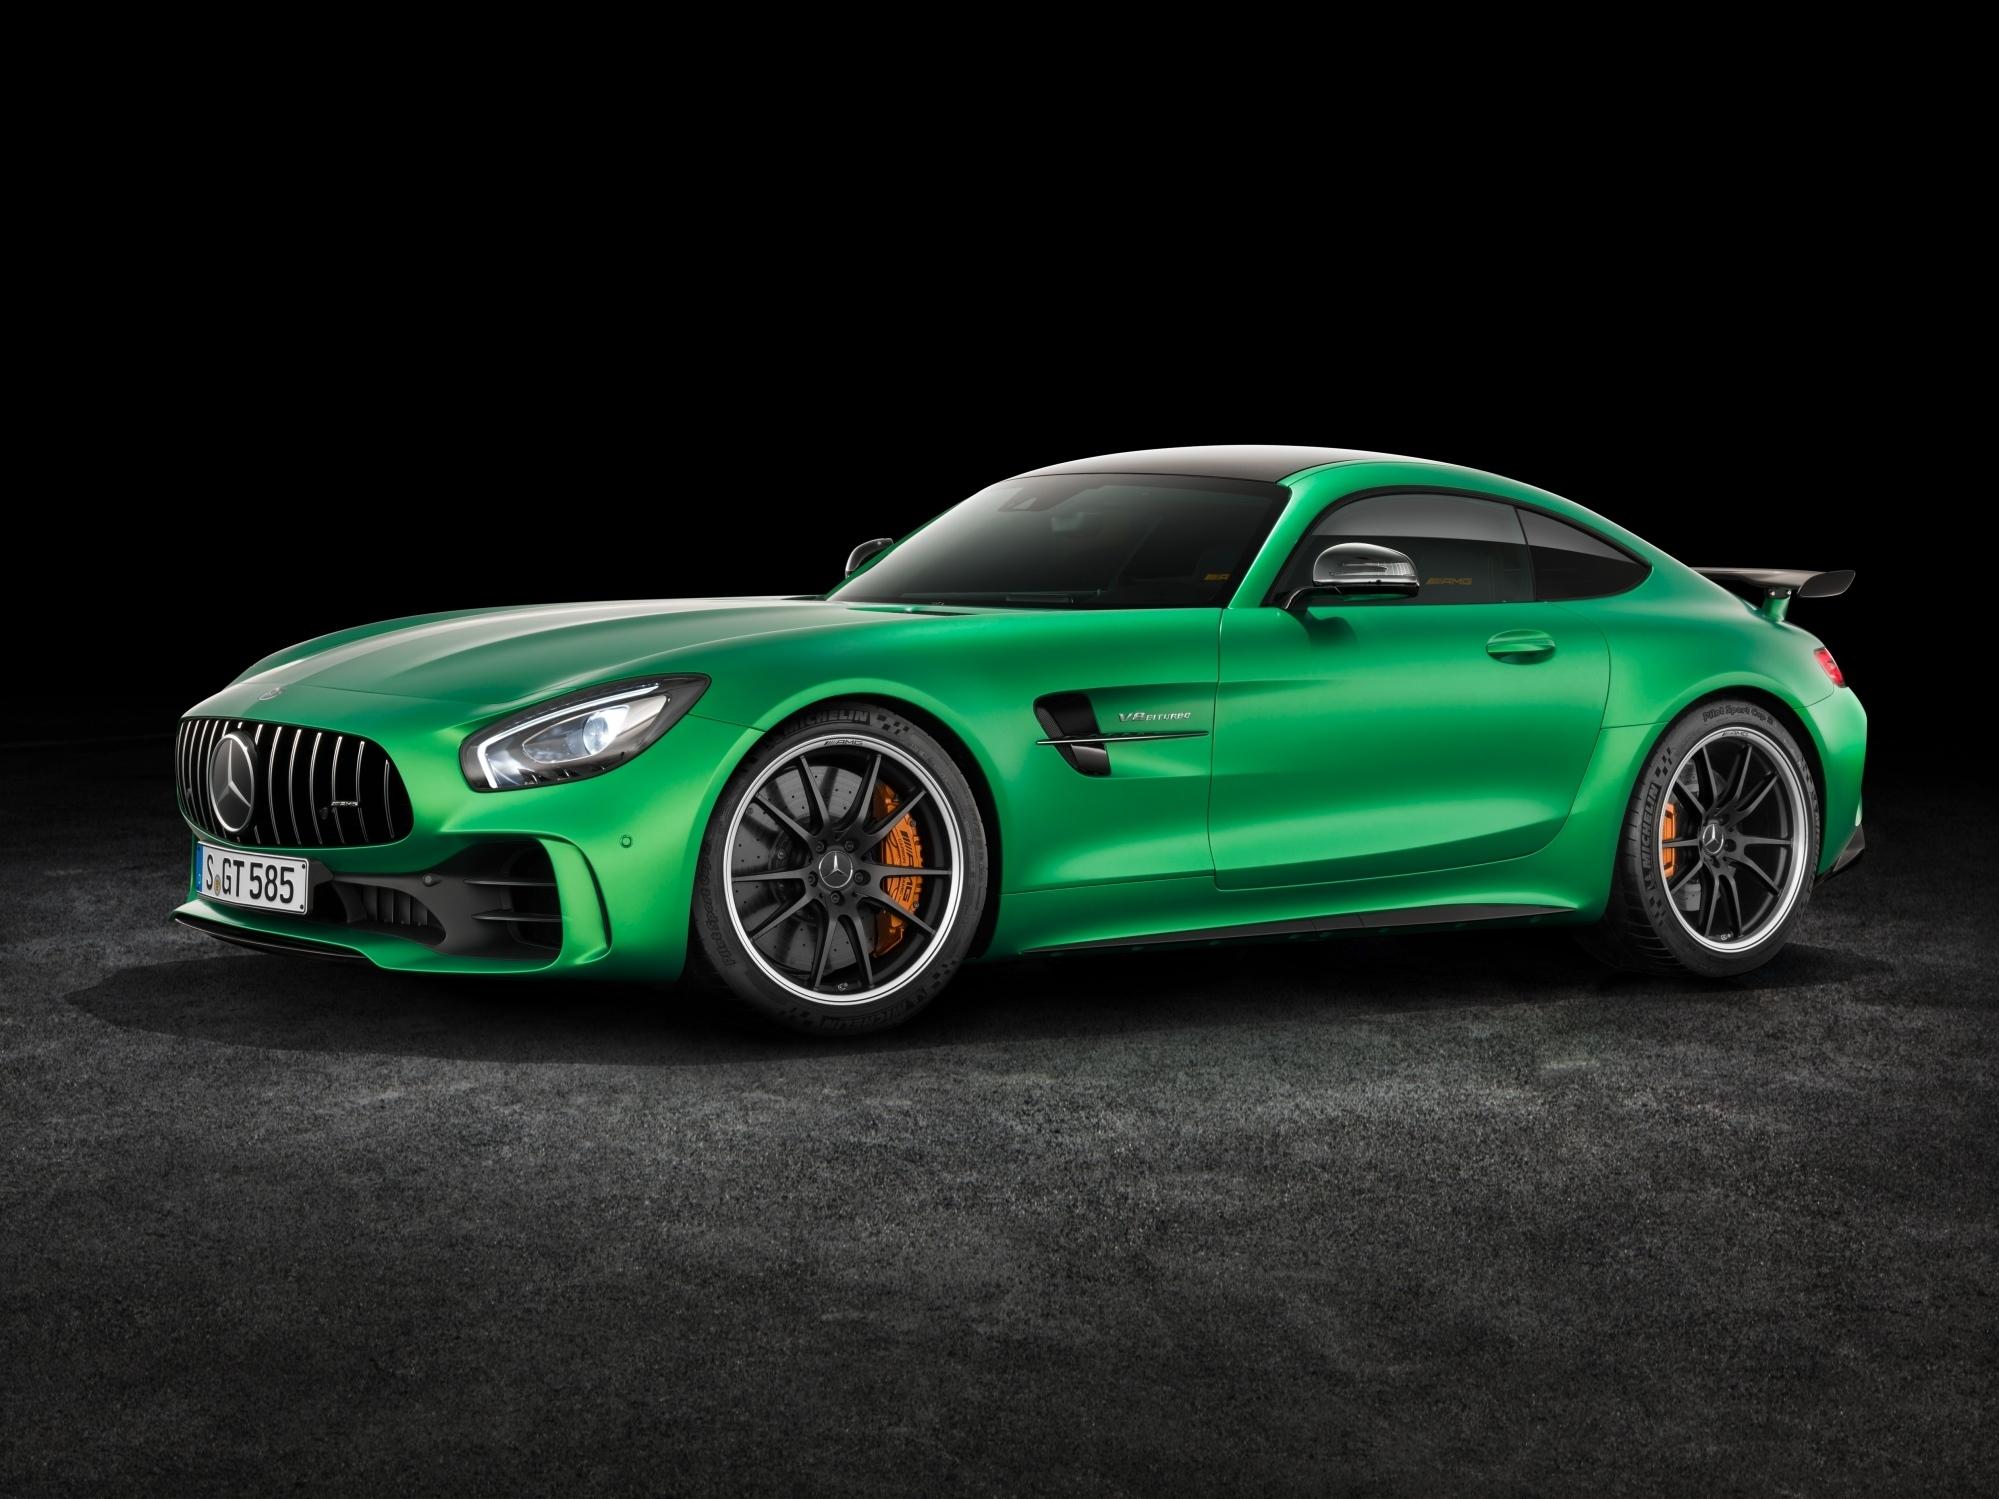 """mid Groß-Gerau - Die Farbe Grün ist eine Anspielung auf die """"Grüne Hölle"""" der Nürburgring-Nordschleife. Auf dieser Rennstrecke hat der Mercedes-AMG GT R jede Menge Entwicklungszeit verbracht."""